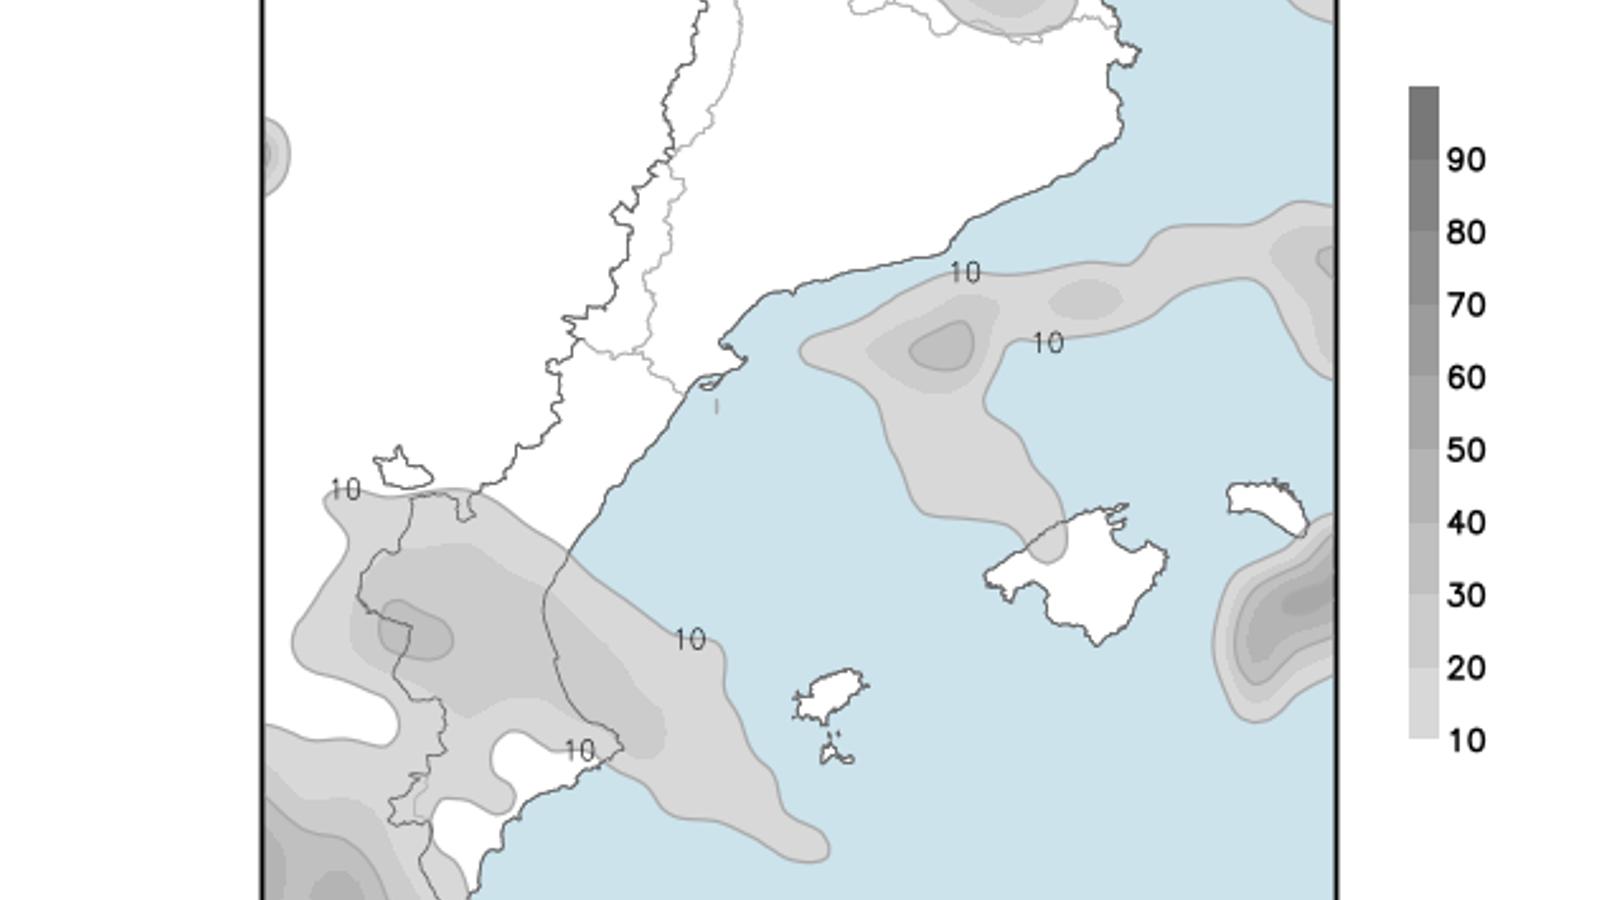 Temperatura en lleuger ascens i cel amb pocs niguls a les Balears